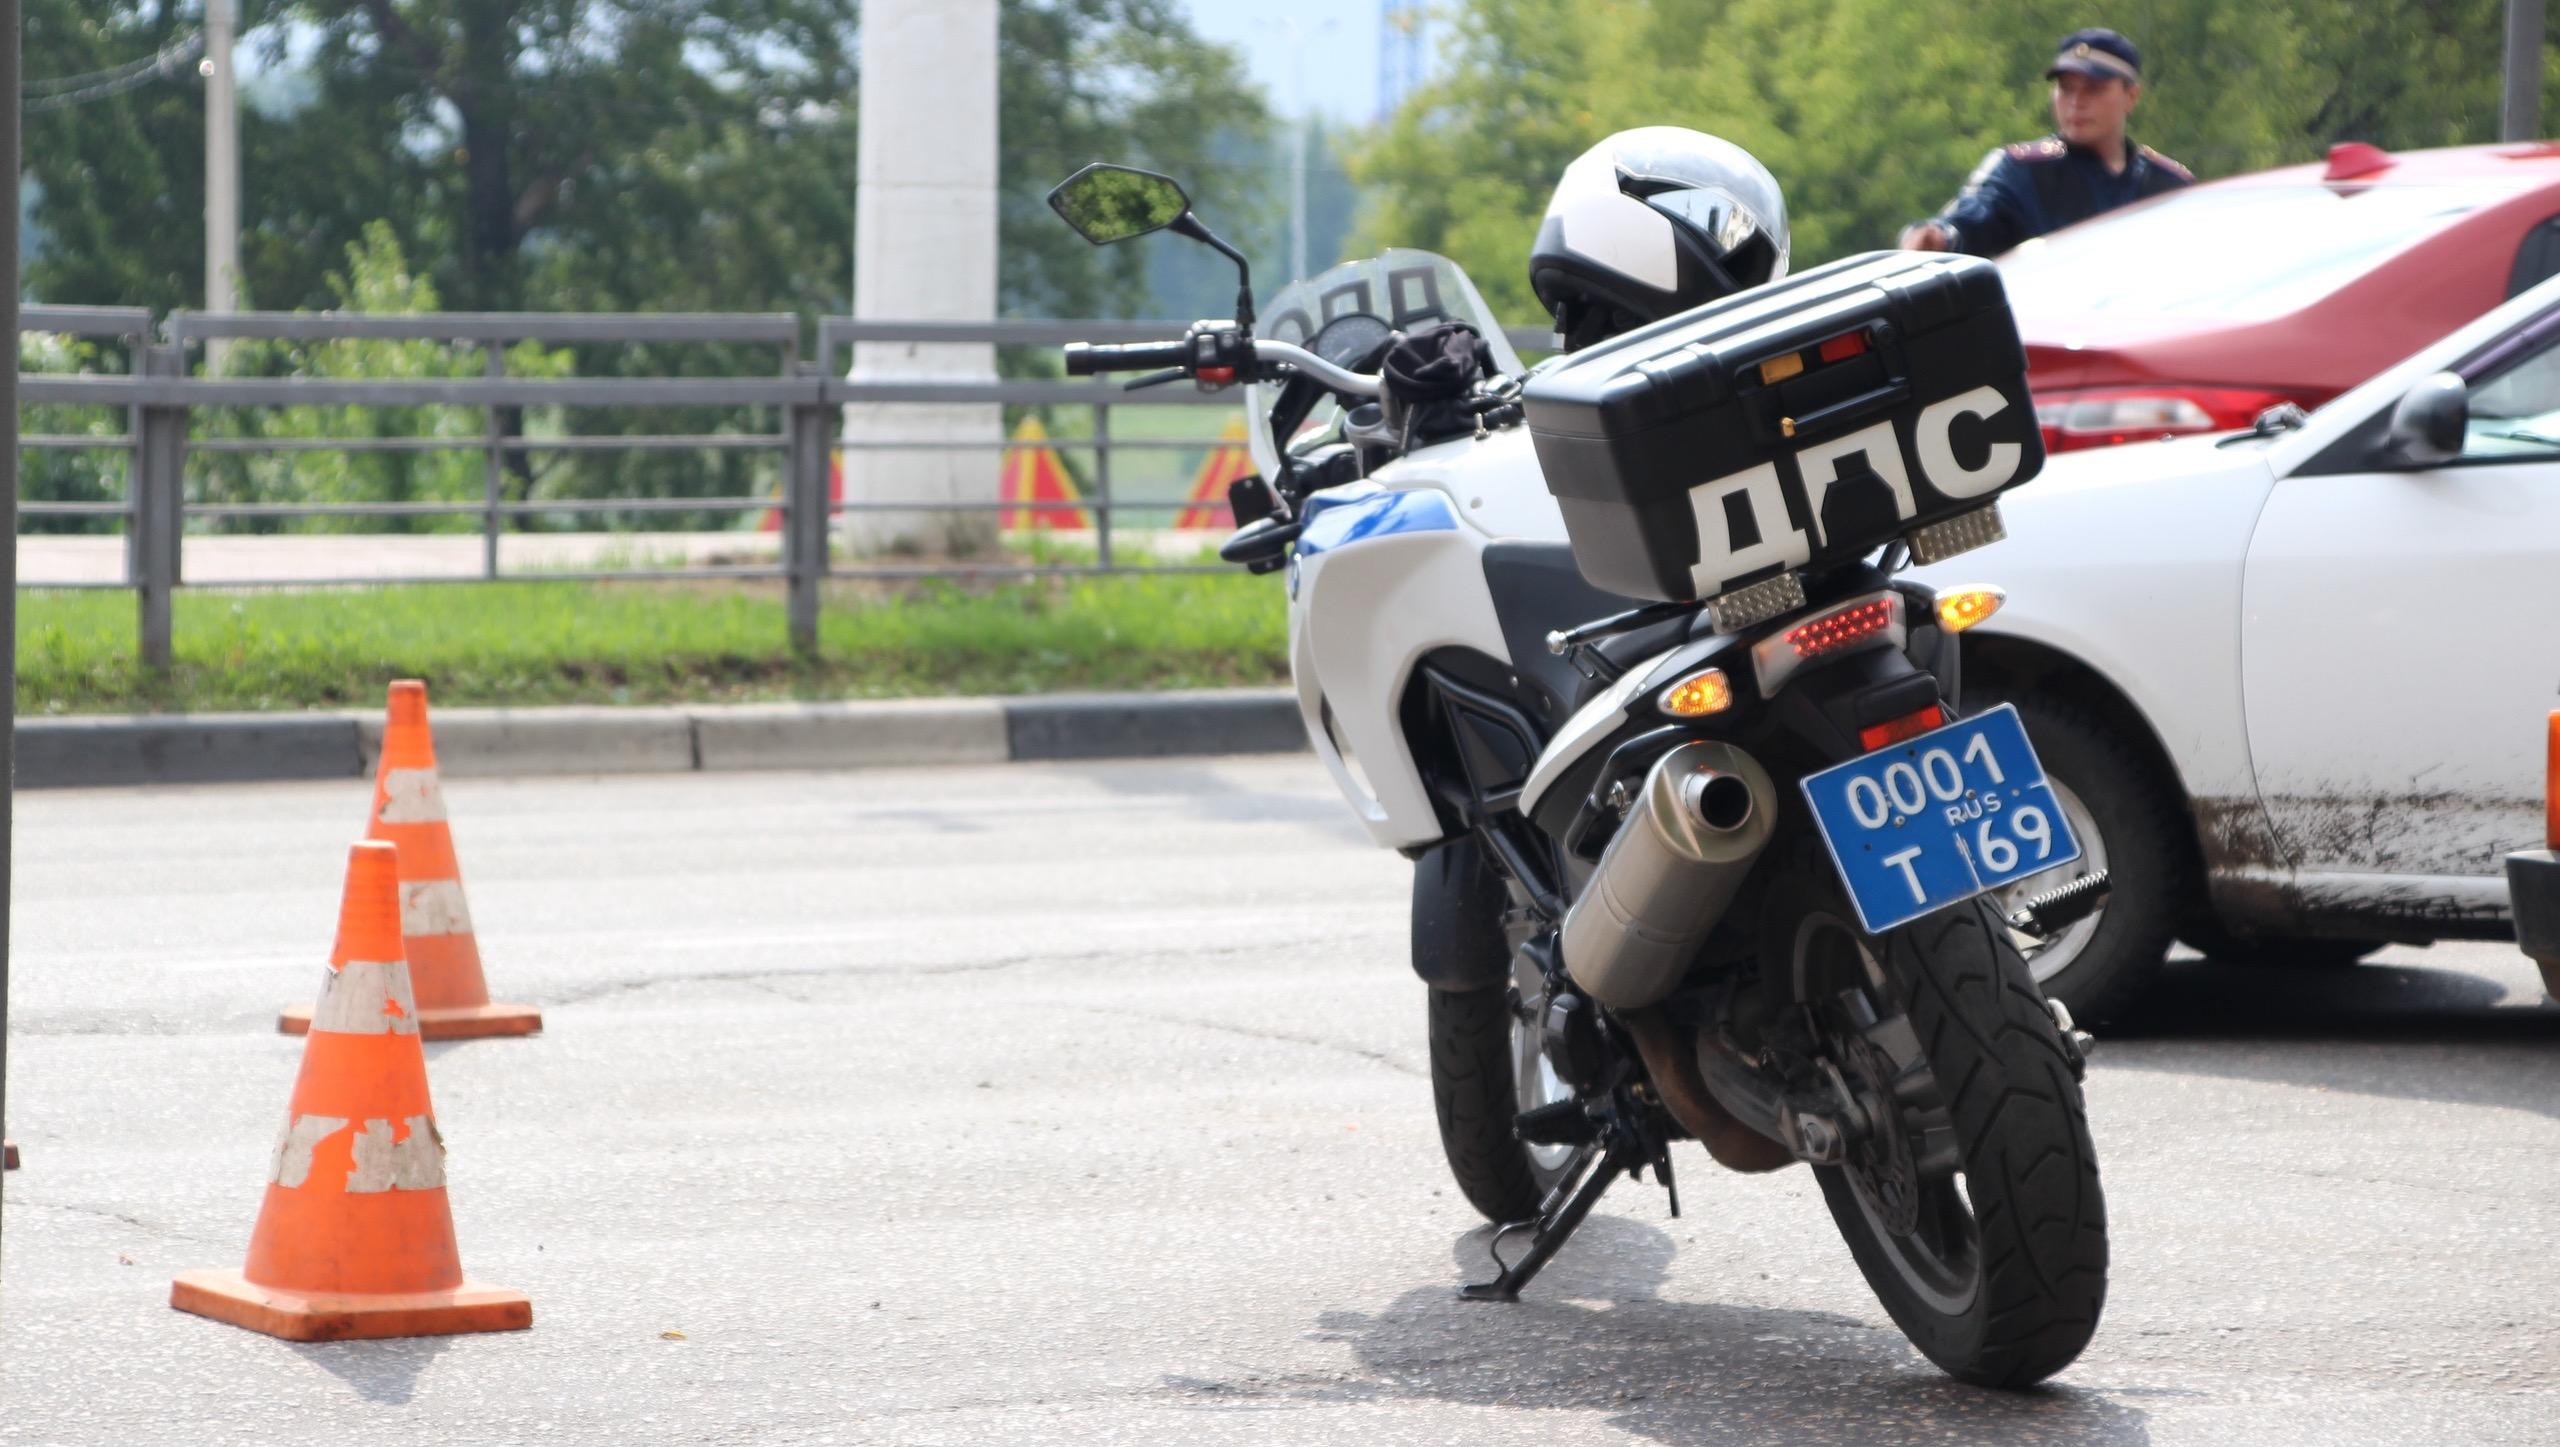 В Твери мотоциклист пострадал в столкновении с легковушкой